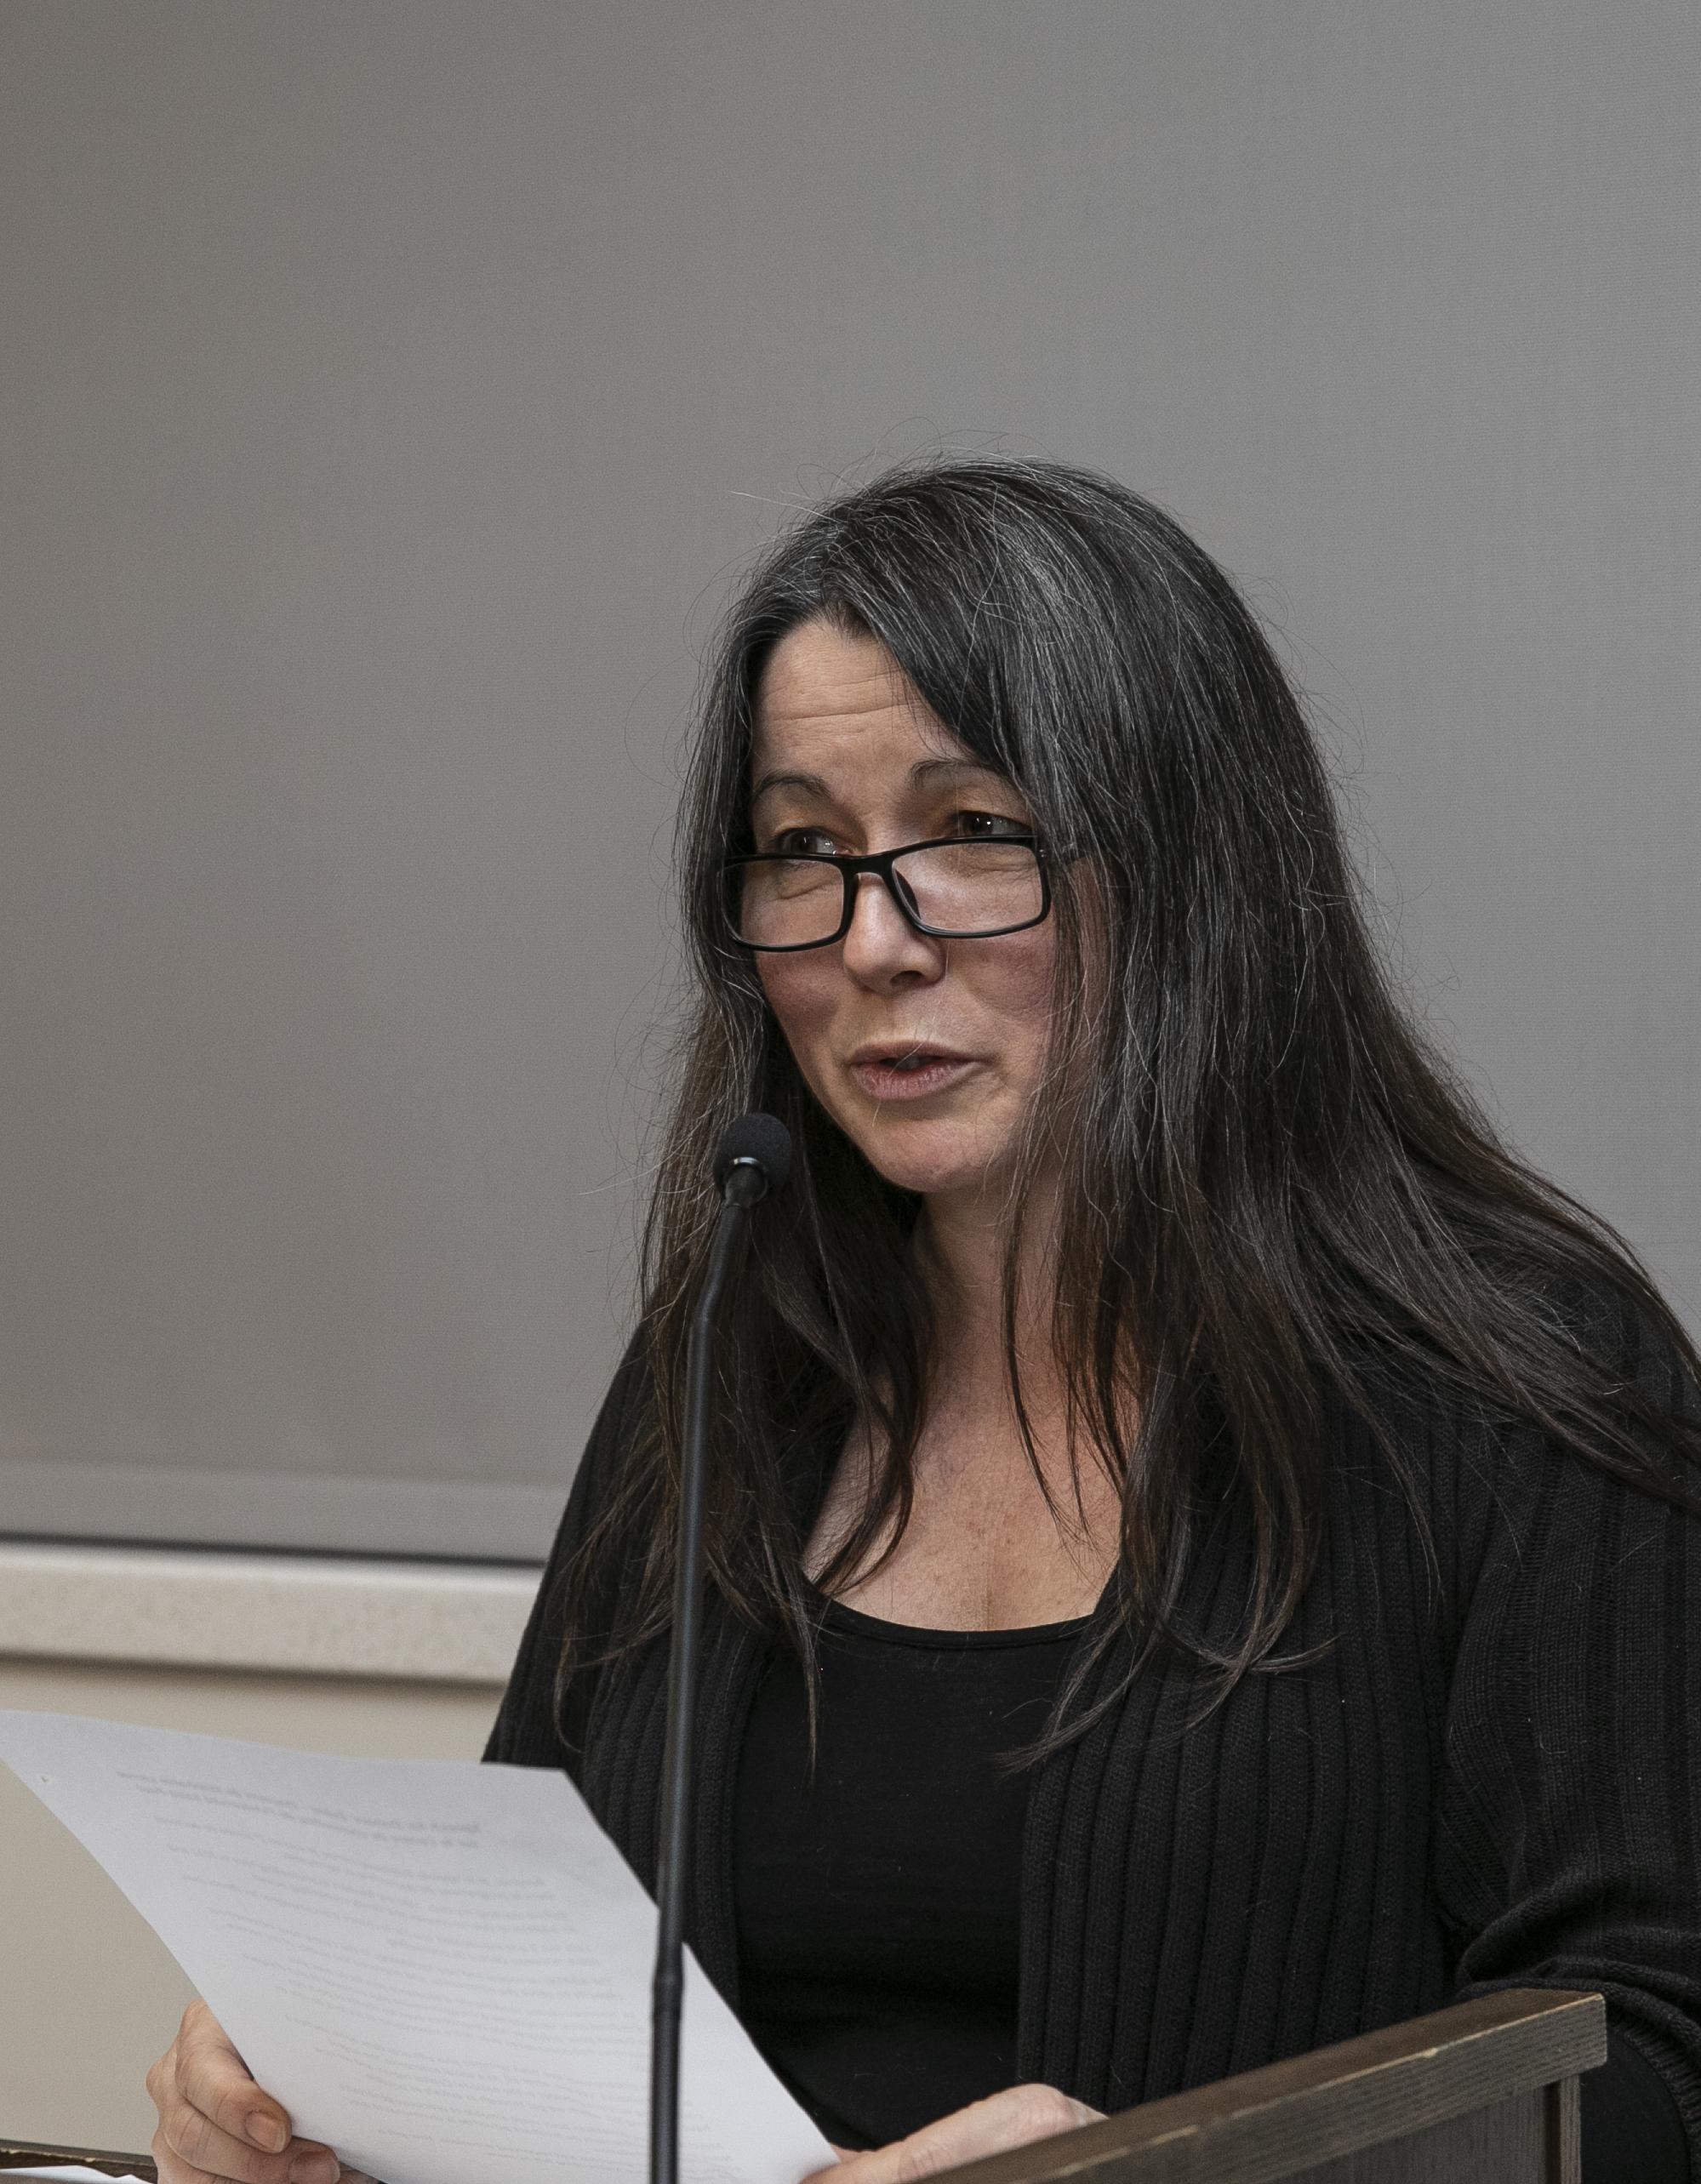 Stéphanie Larrue